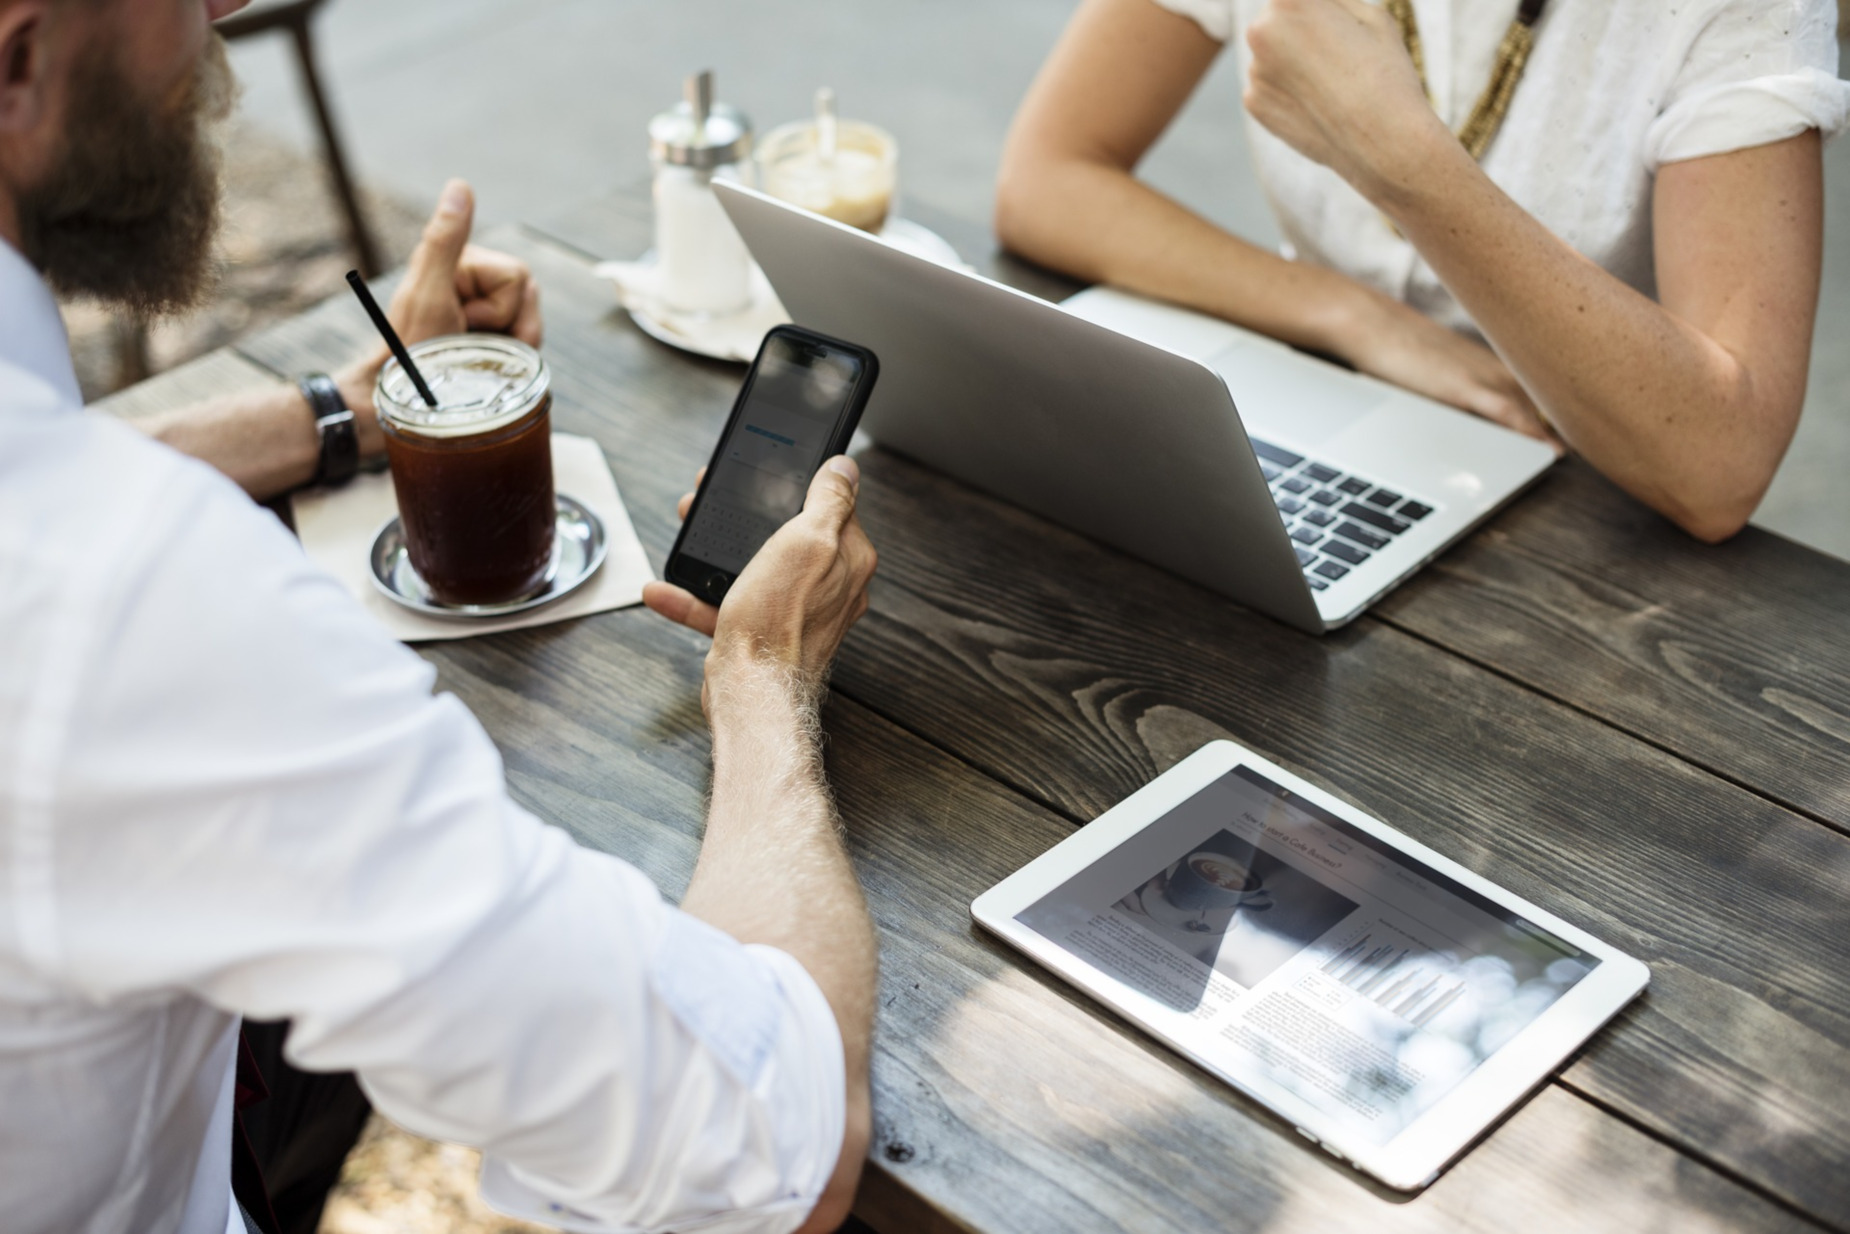 Chcesz, żeby twoja firma odniosła sukces? Przyjdź koniecznie do inkubatora Starter